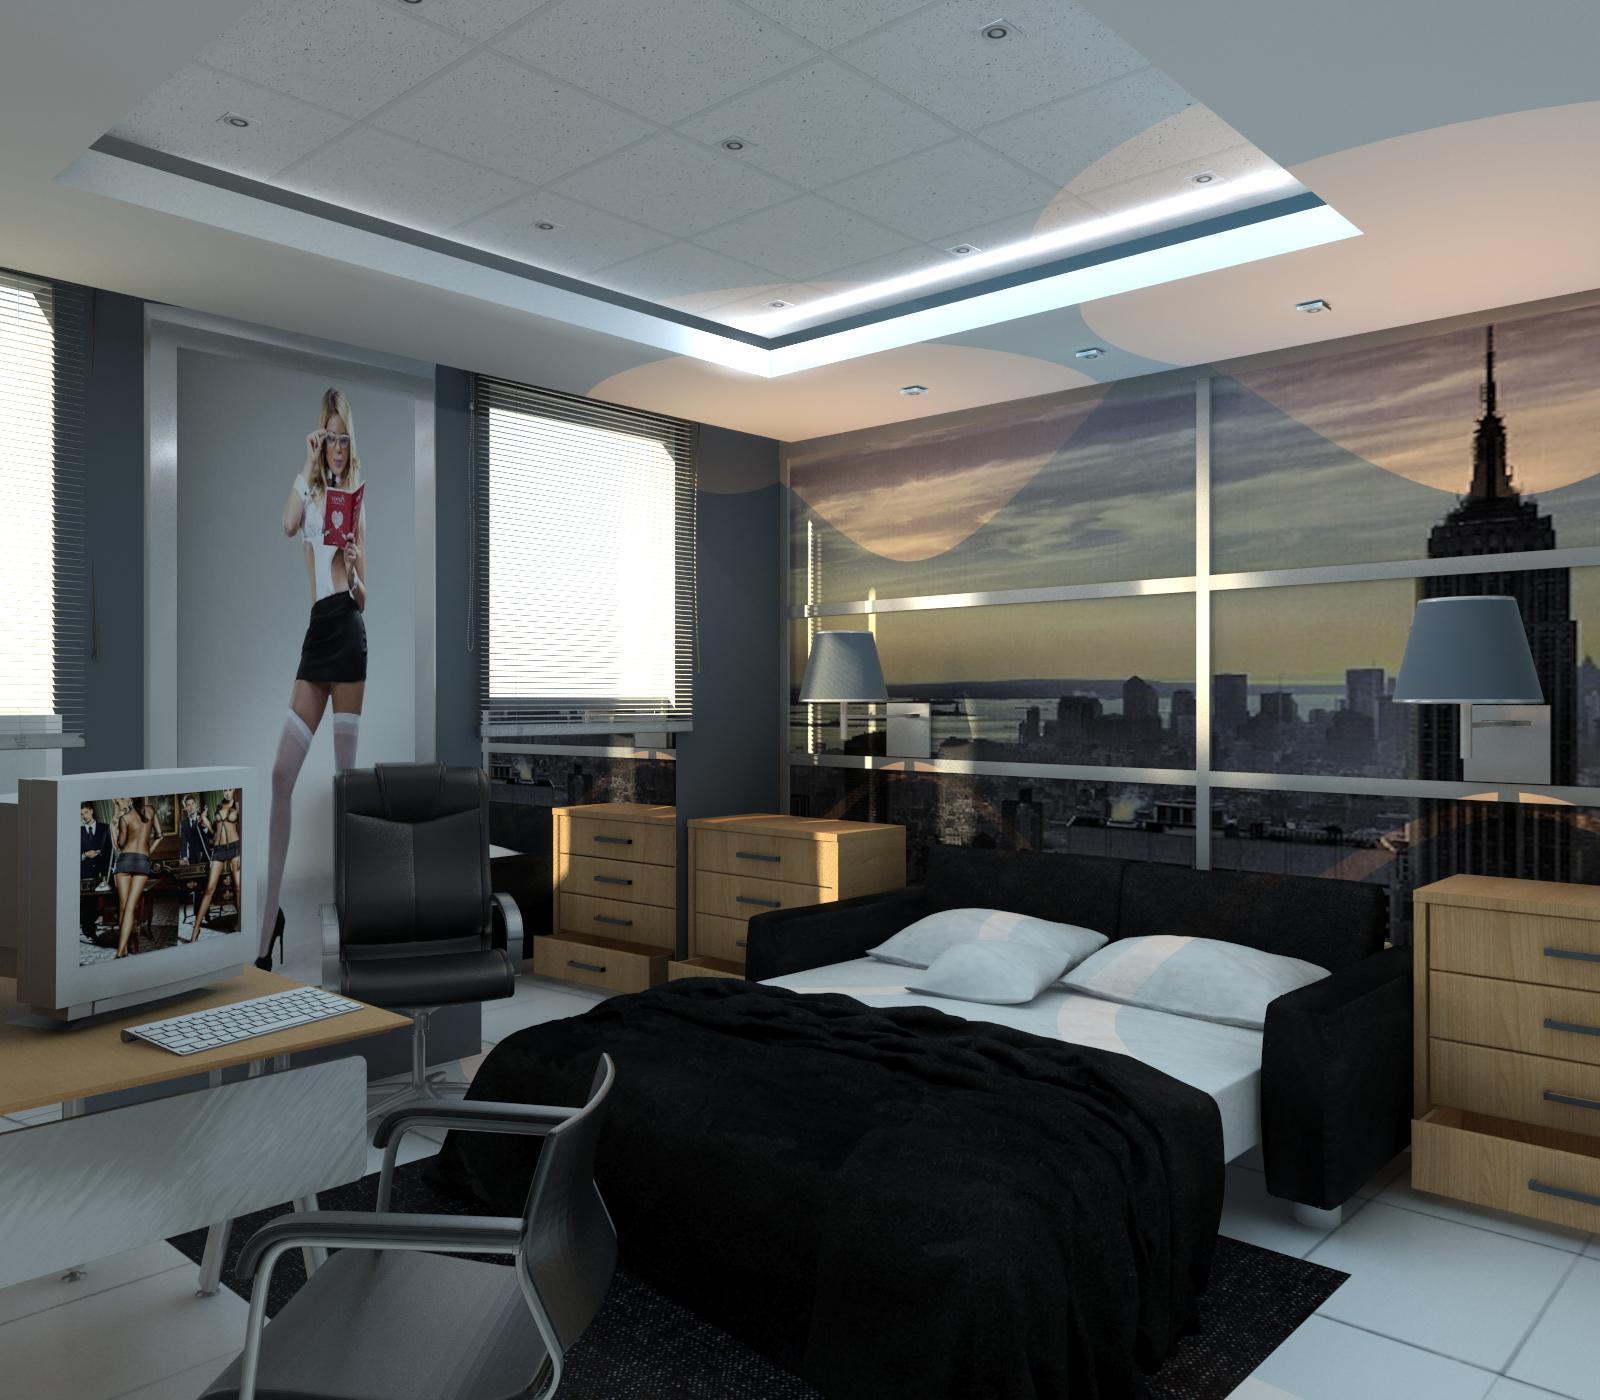 Dise o de interiores de hoteles grupo mobilart for Diseno de interiores formacion profesional